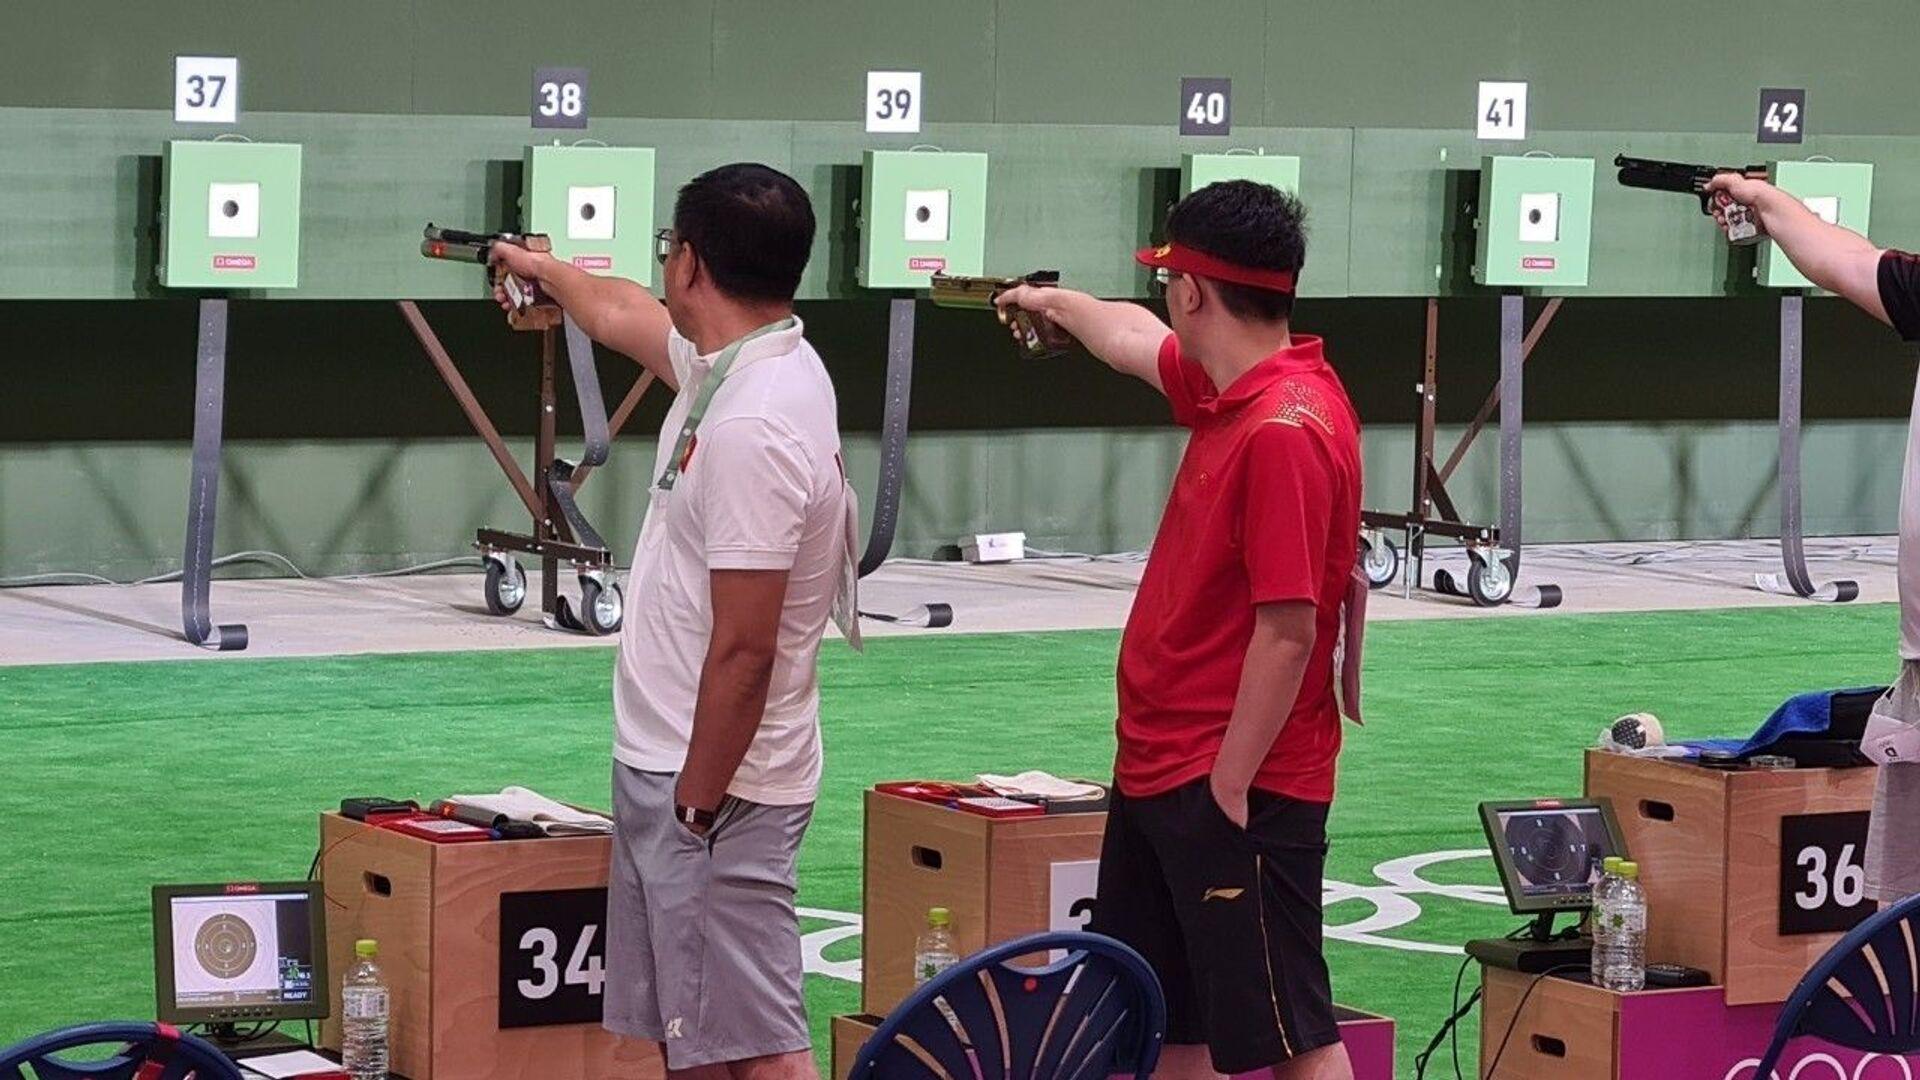 Olympic Tokyo 2020: Cập nhật thành tích thi đấu của đoàn thể thao Việt Nam đến đầu giờ chiều ngày 24/7 - Sputnik Việt Nam, 1920, 05.10.2021